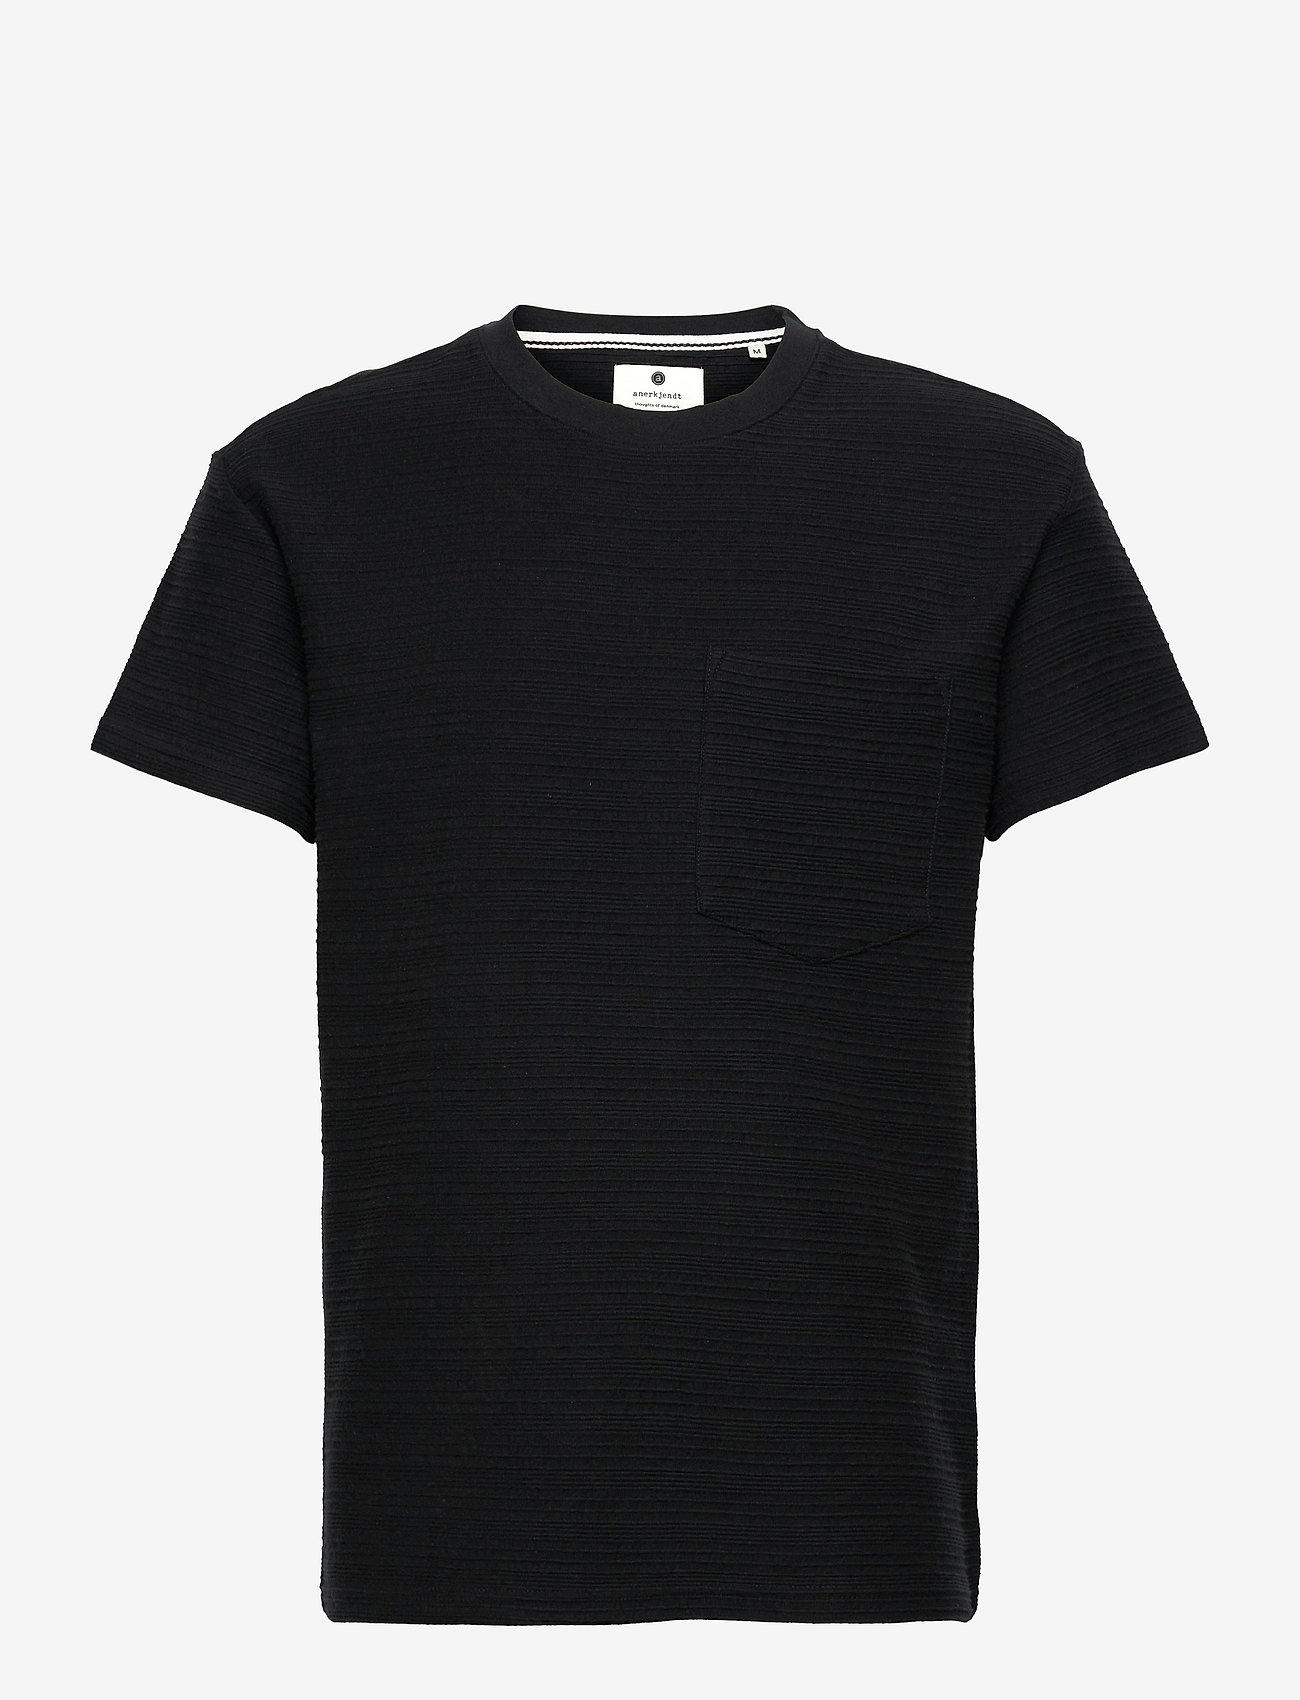 Anerkjendt - AKKIKKI STRUC STRIPE - t-shirts basiques - caviar - 0